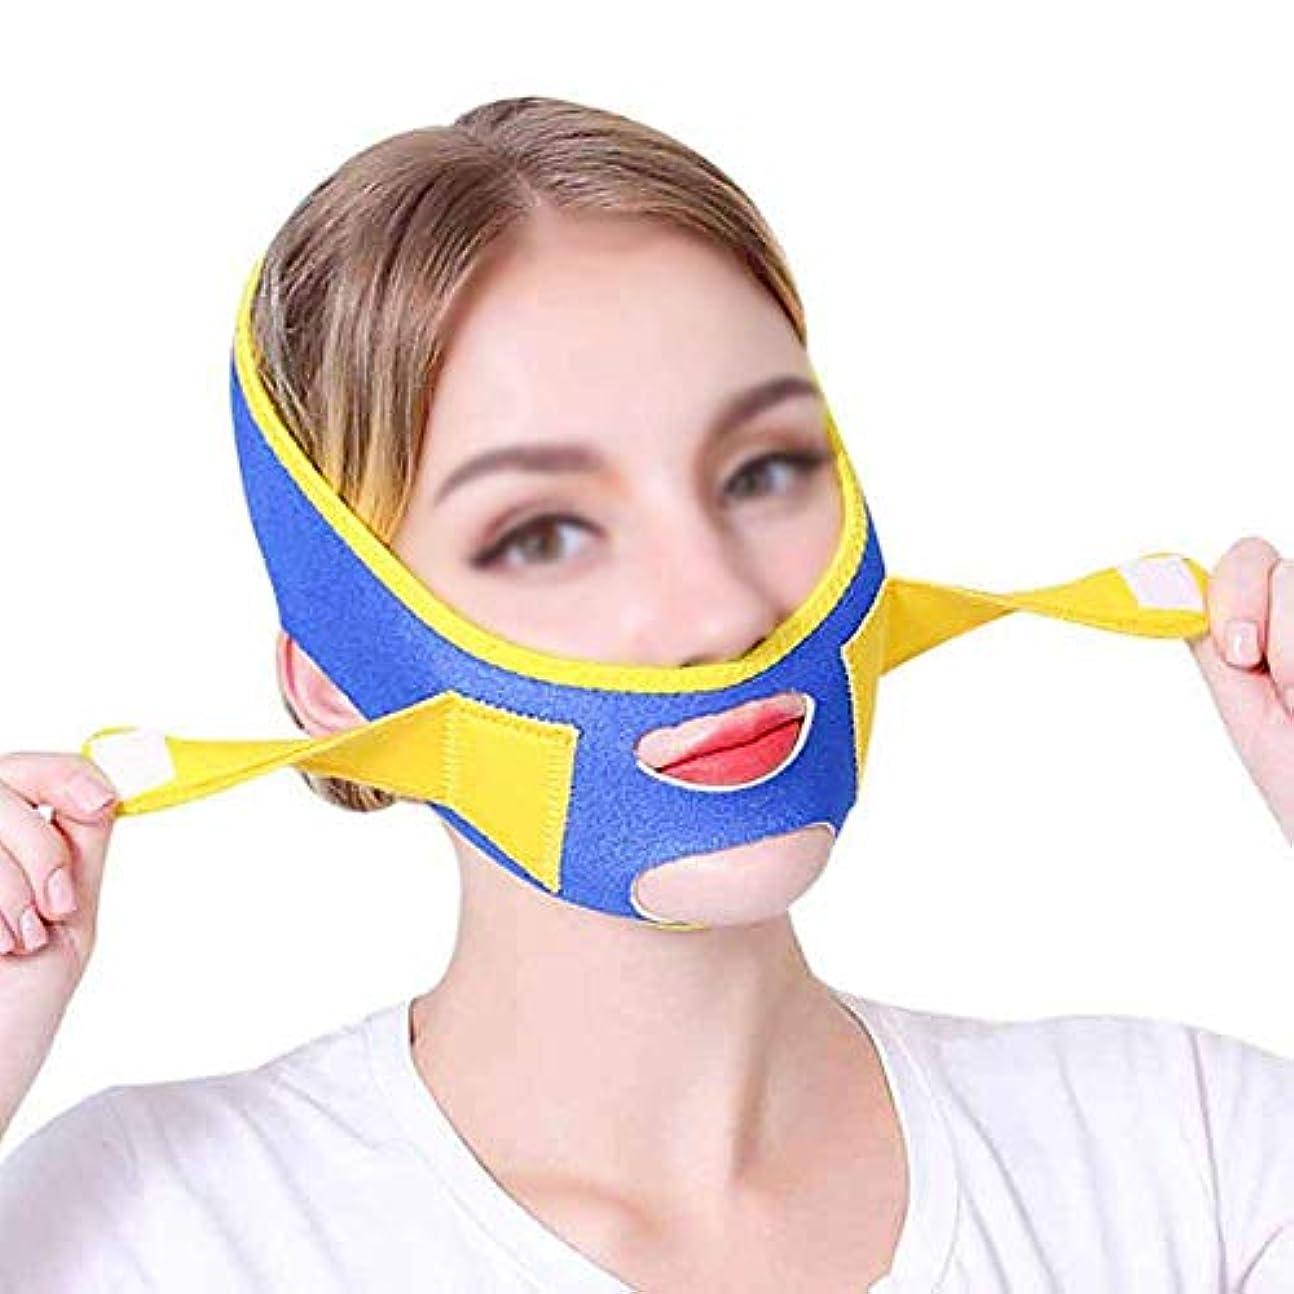 語伝統的冷ややかなフェイスリフトマスク、あごストラップ回復包帯シンフェイスマスクVフェイスステッカーフェイスリフトステッカー韓国本物のリフティングファーミングリフト整形薄型ダブルチンフェイスリフト睡眠包帯アーティファクト